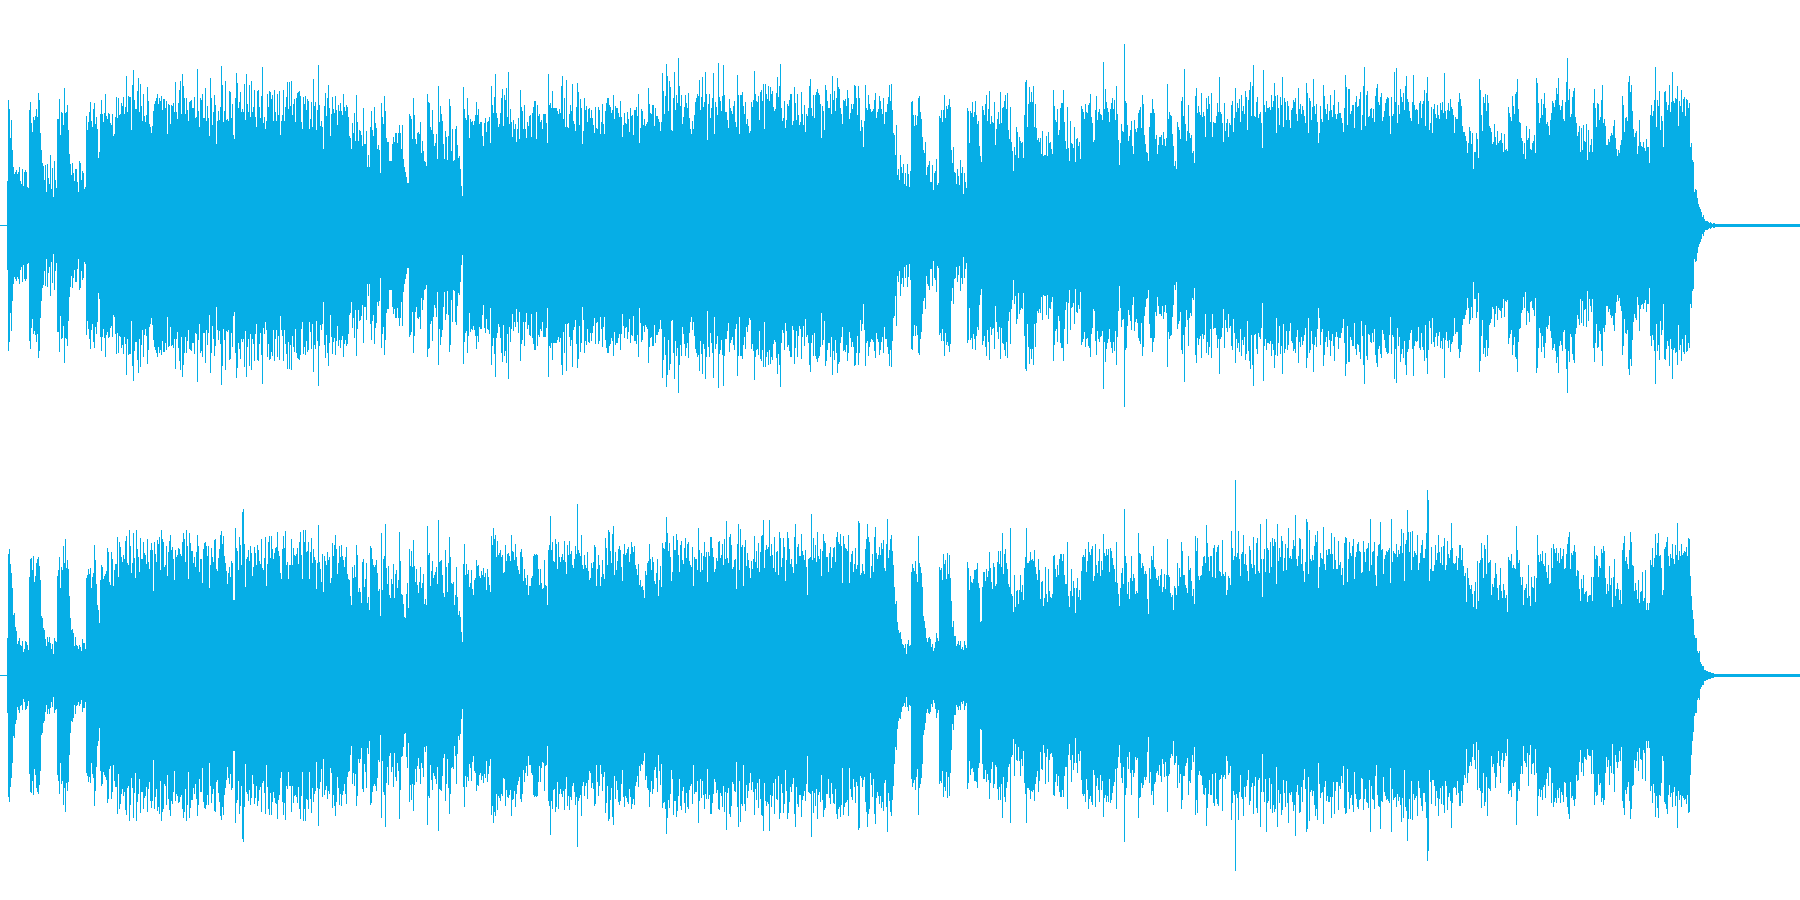 スカと電子音楽の攻撃的作品の再生済みの波形